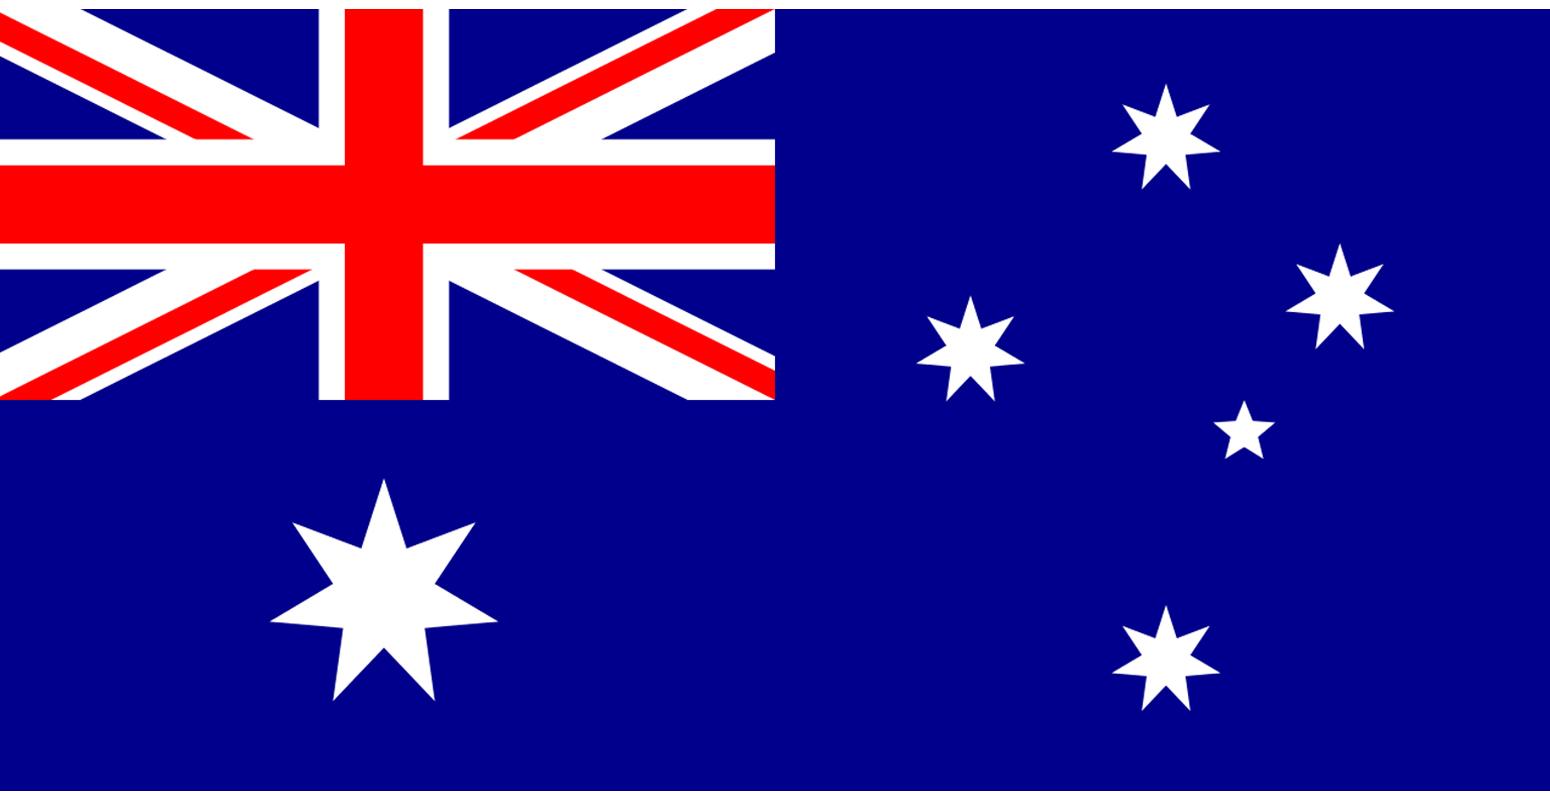 オーストラリアの国旗の意味